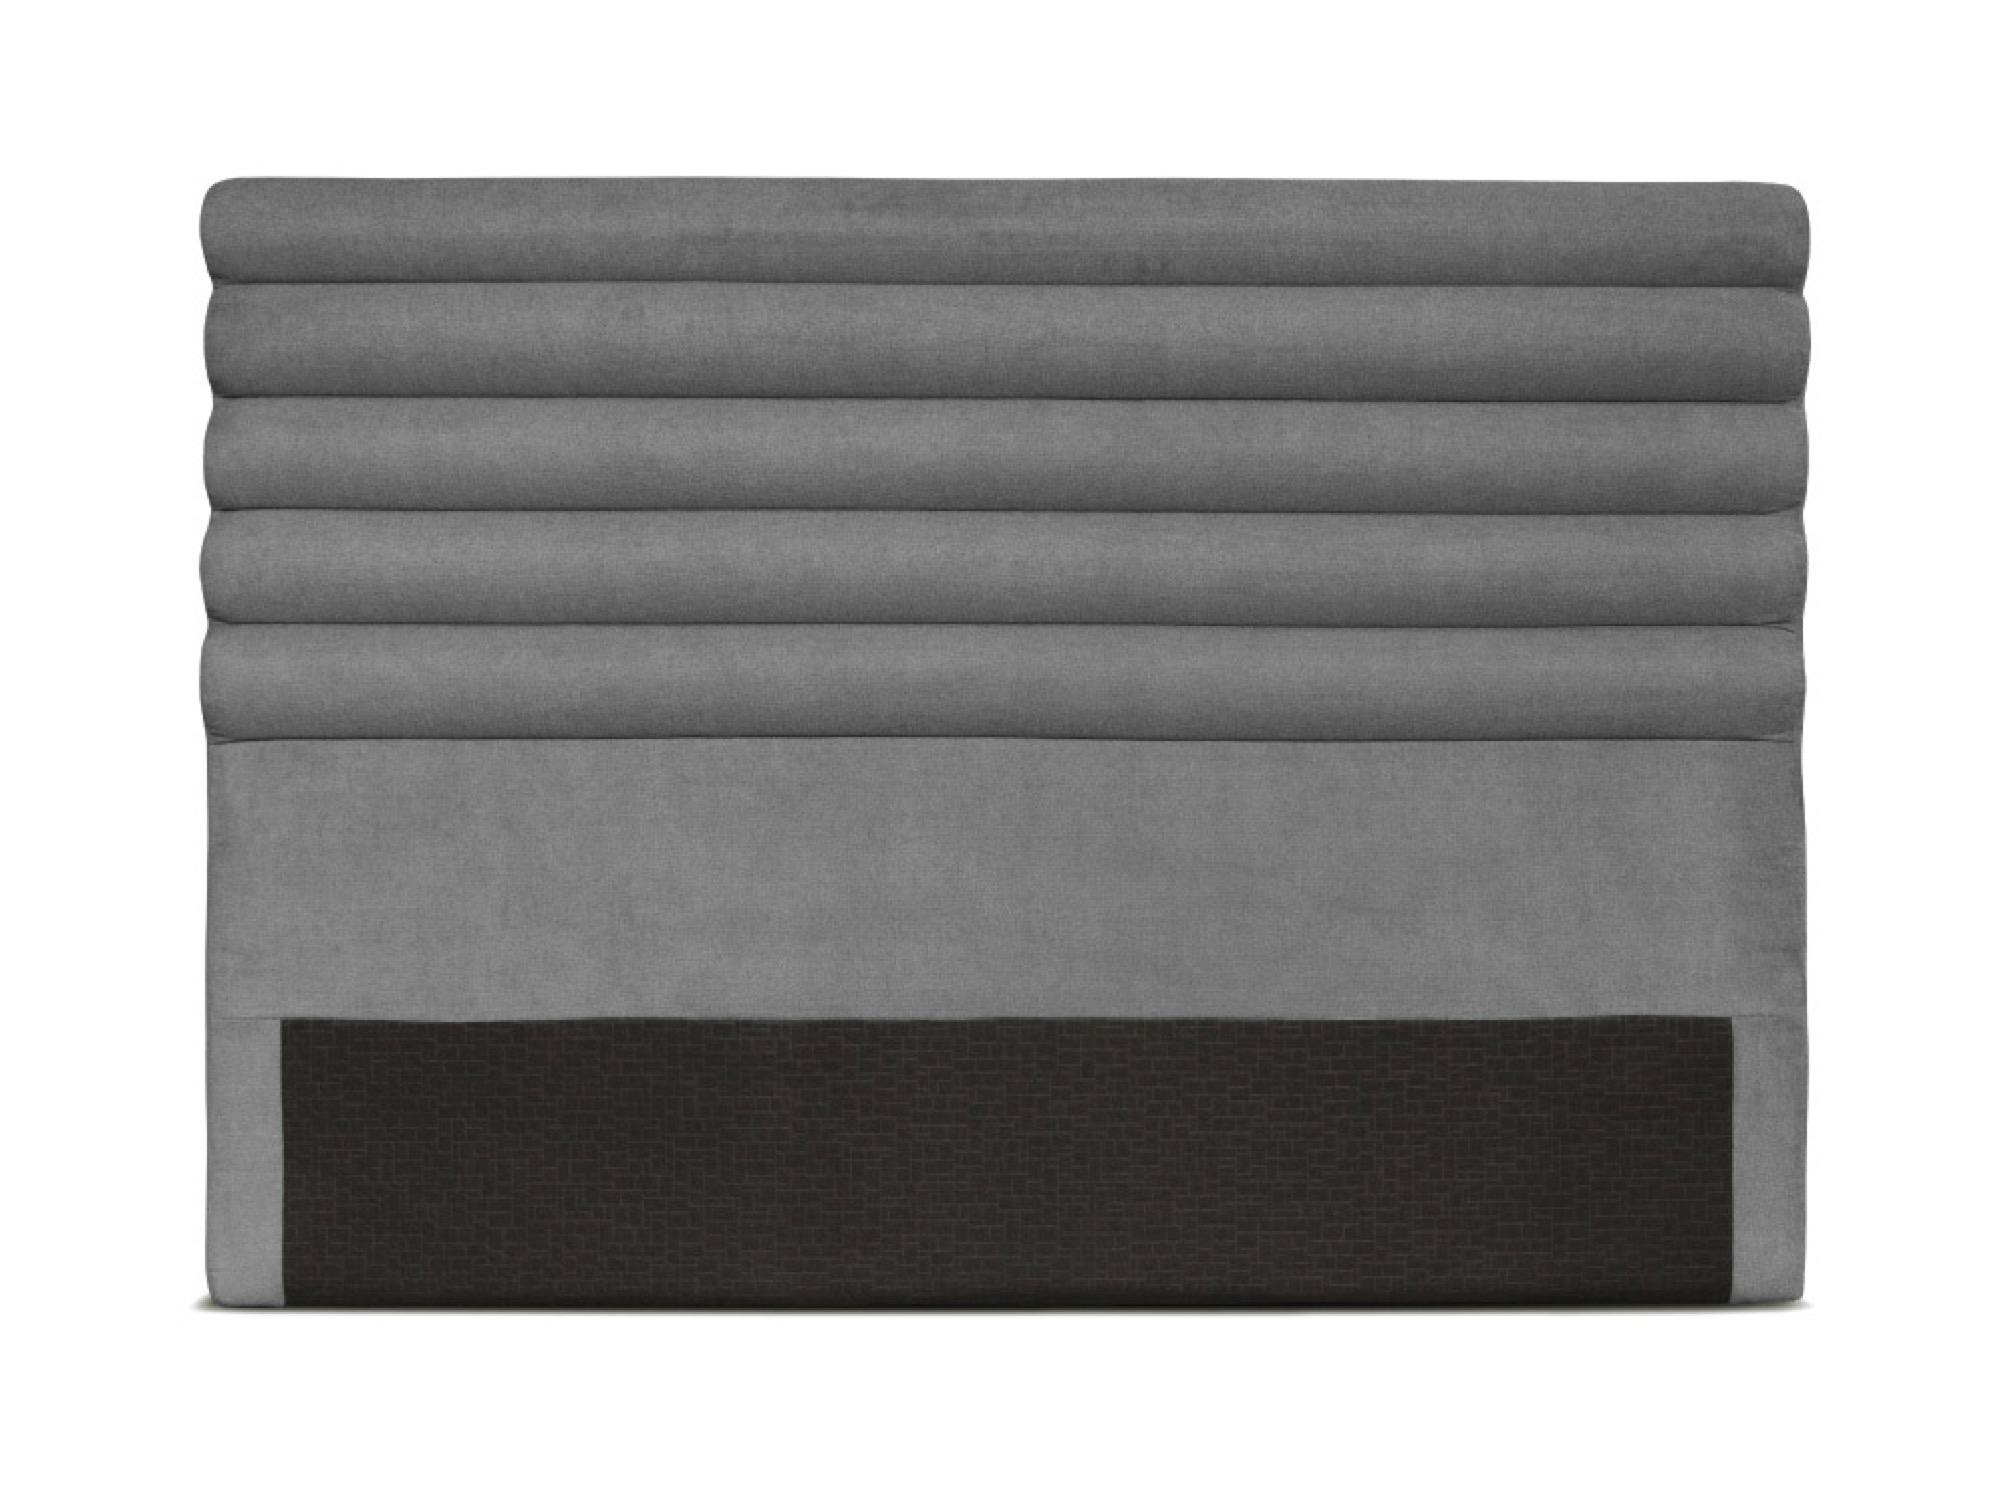 Tête de lit design en tissu gris - 160cm